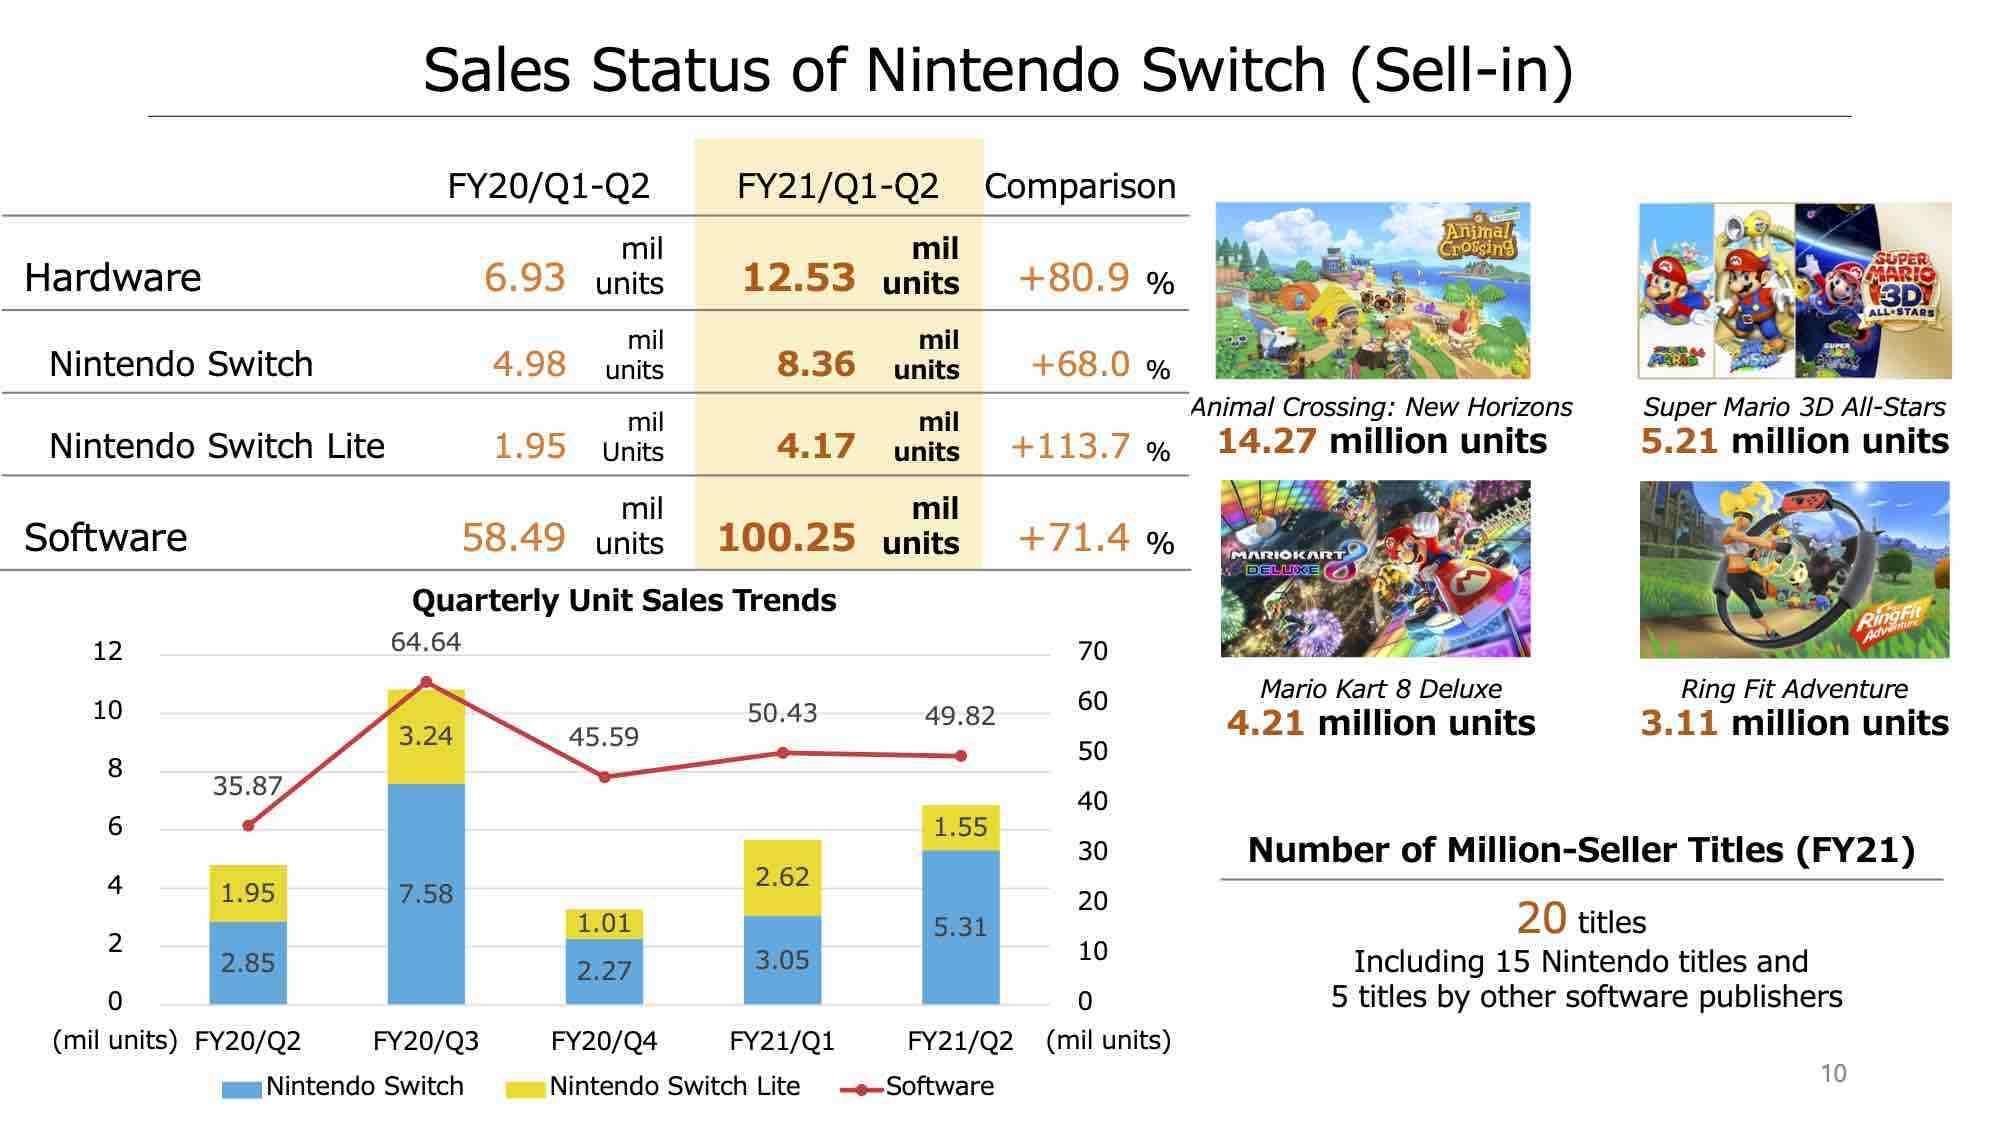 Đại dịch giúp lãi ròng Sony tăng 145%, Nintendo Switch là console bán chạy nhất năm 2020 marketingreview.vn 3